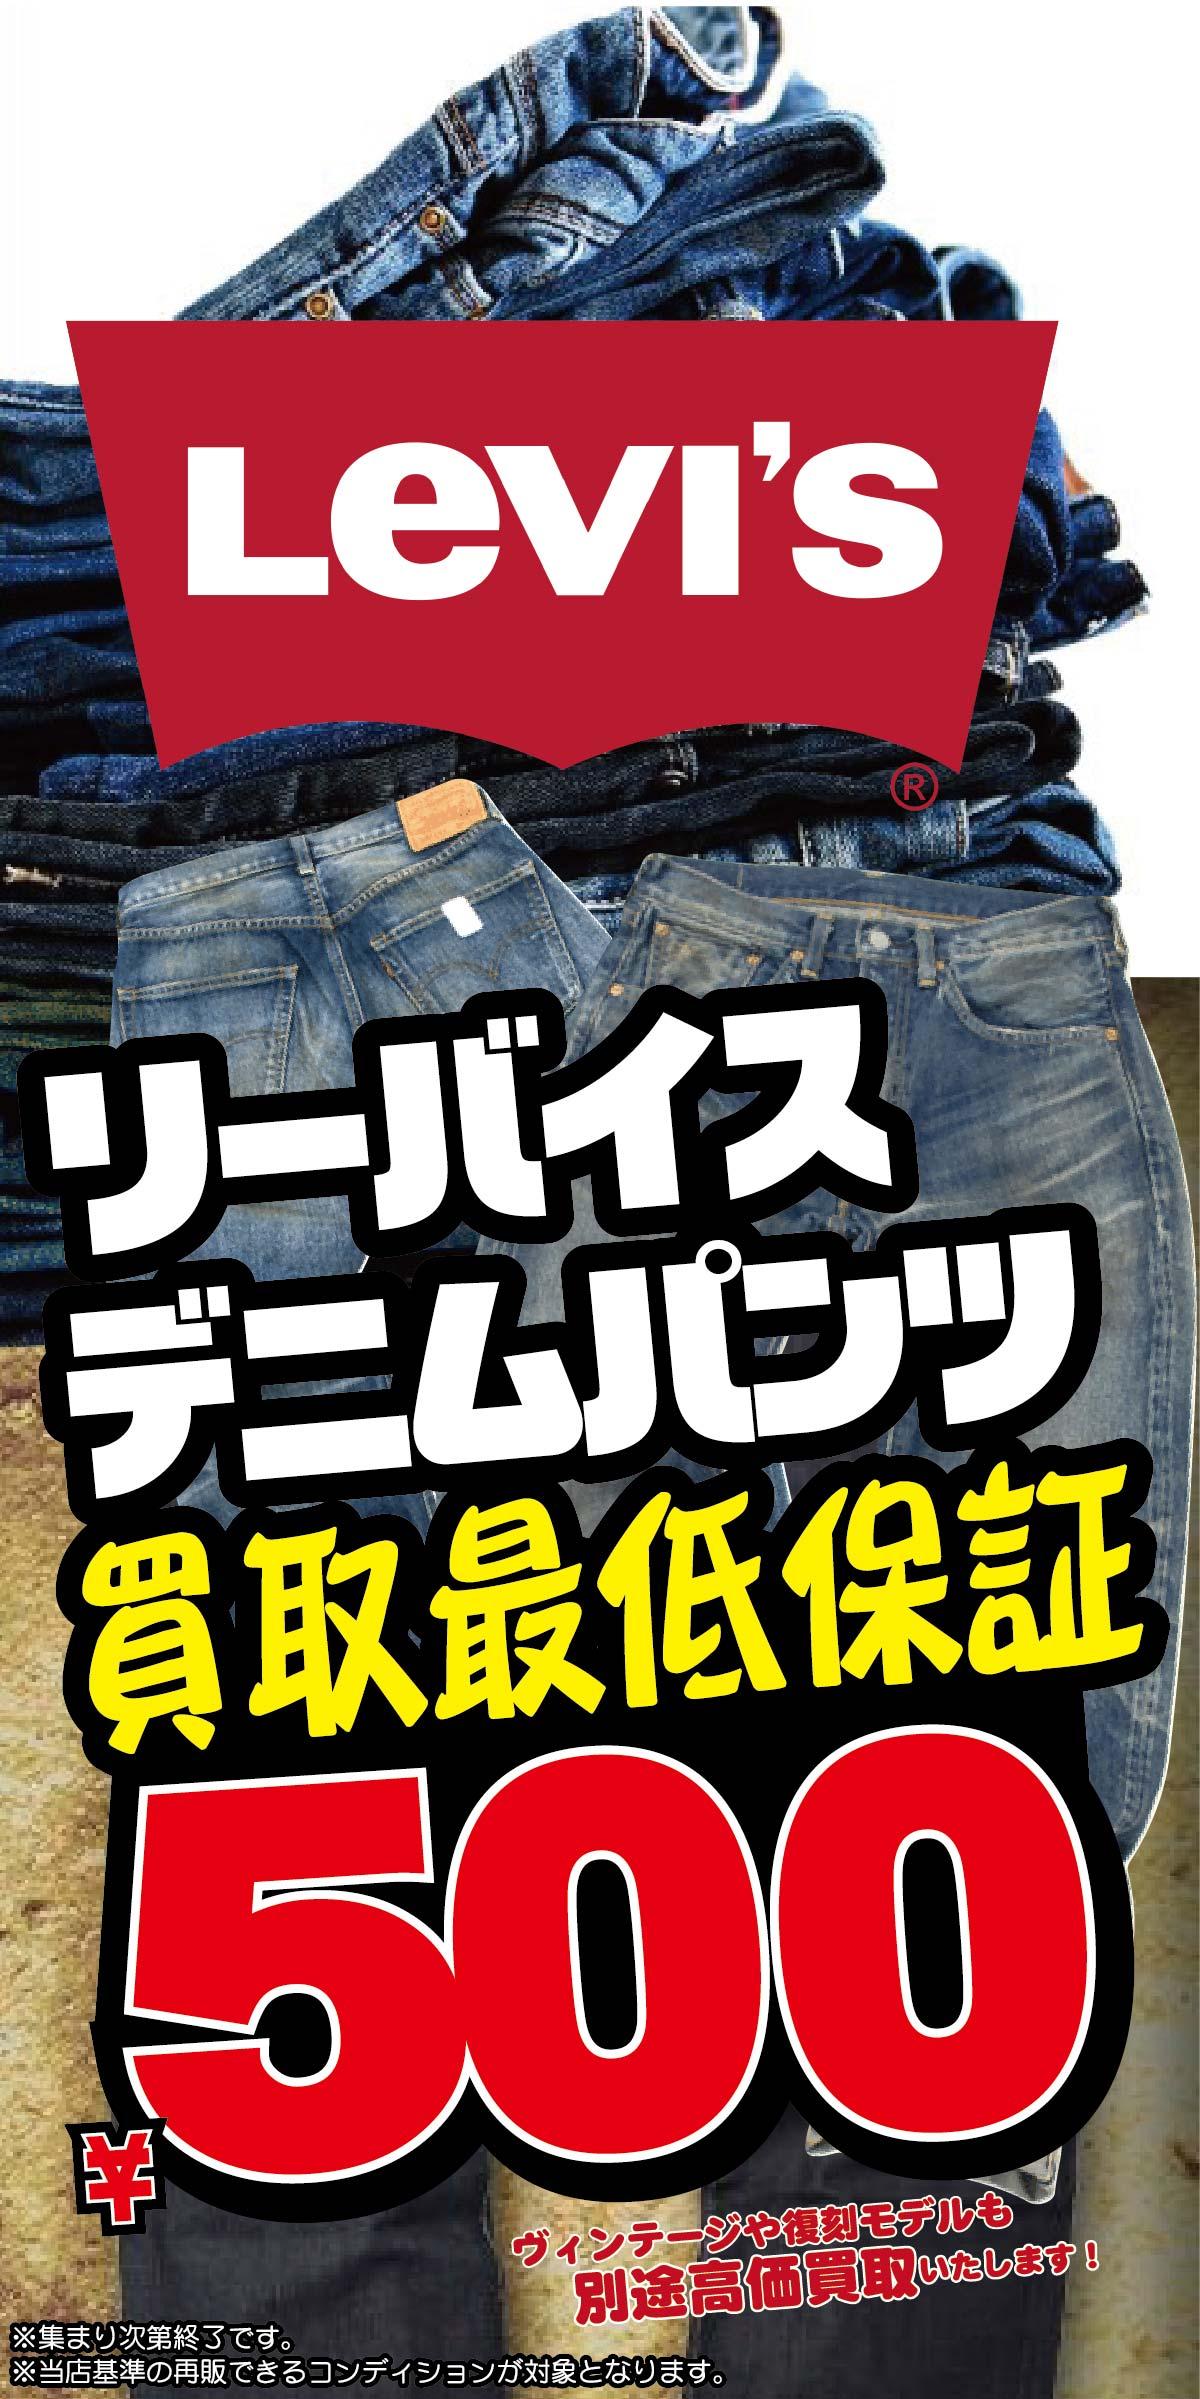 「開放倉庫山城店」リーバイスデニムパンツ買取最低保証!500円!!ヴィンテージや復刻モデルは別途高価買取いたします!!